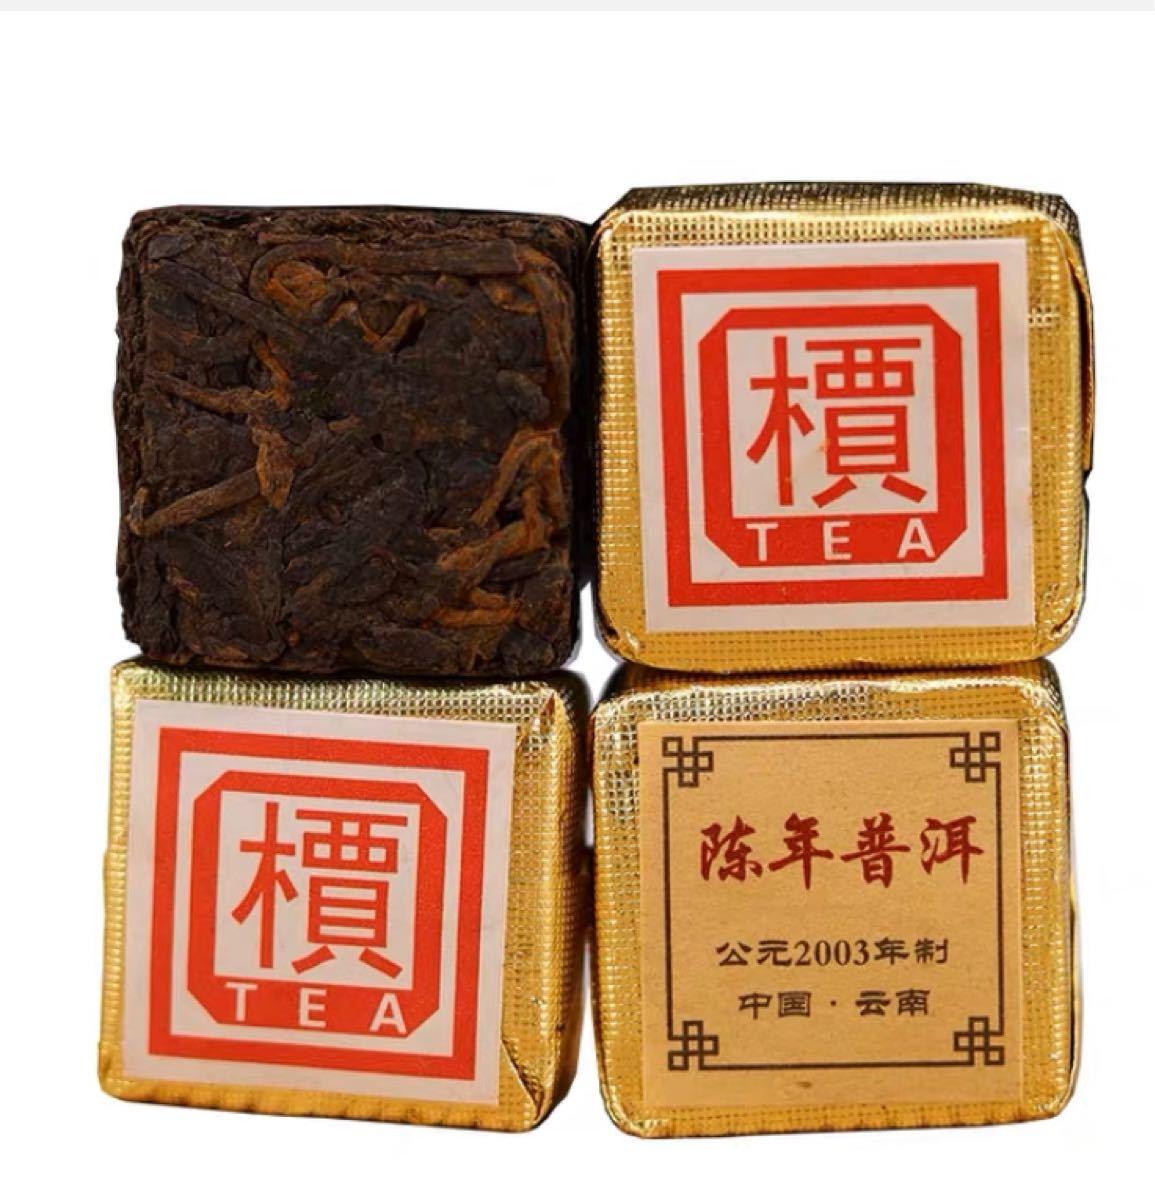 中国茶 陳年プーアル茶(熟茶)30包セット